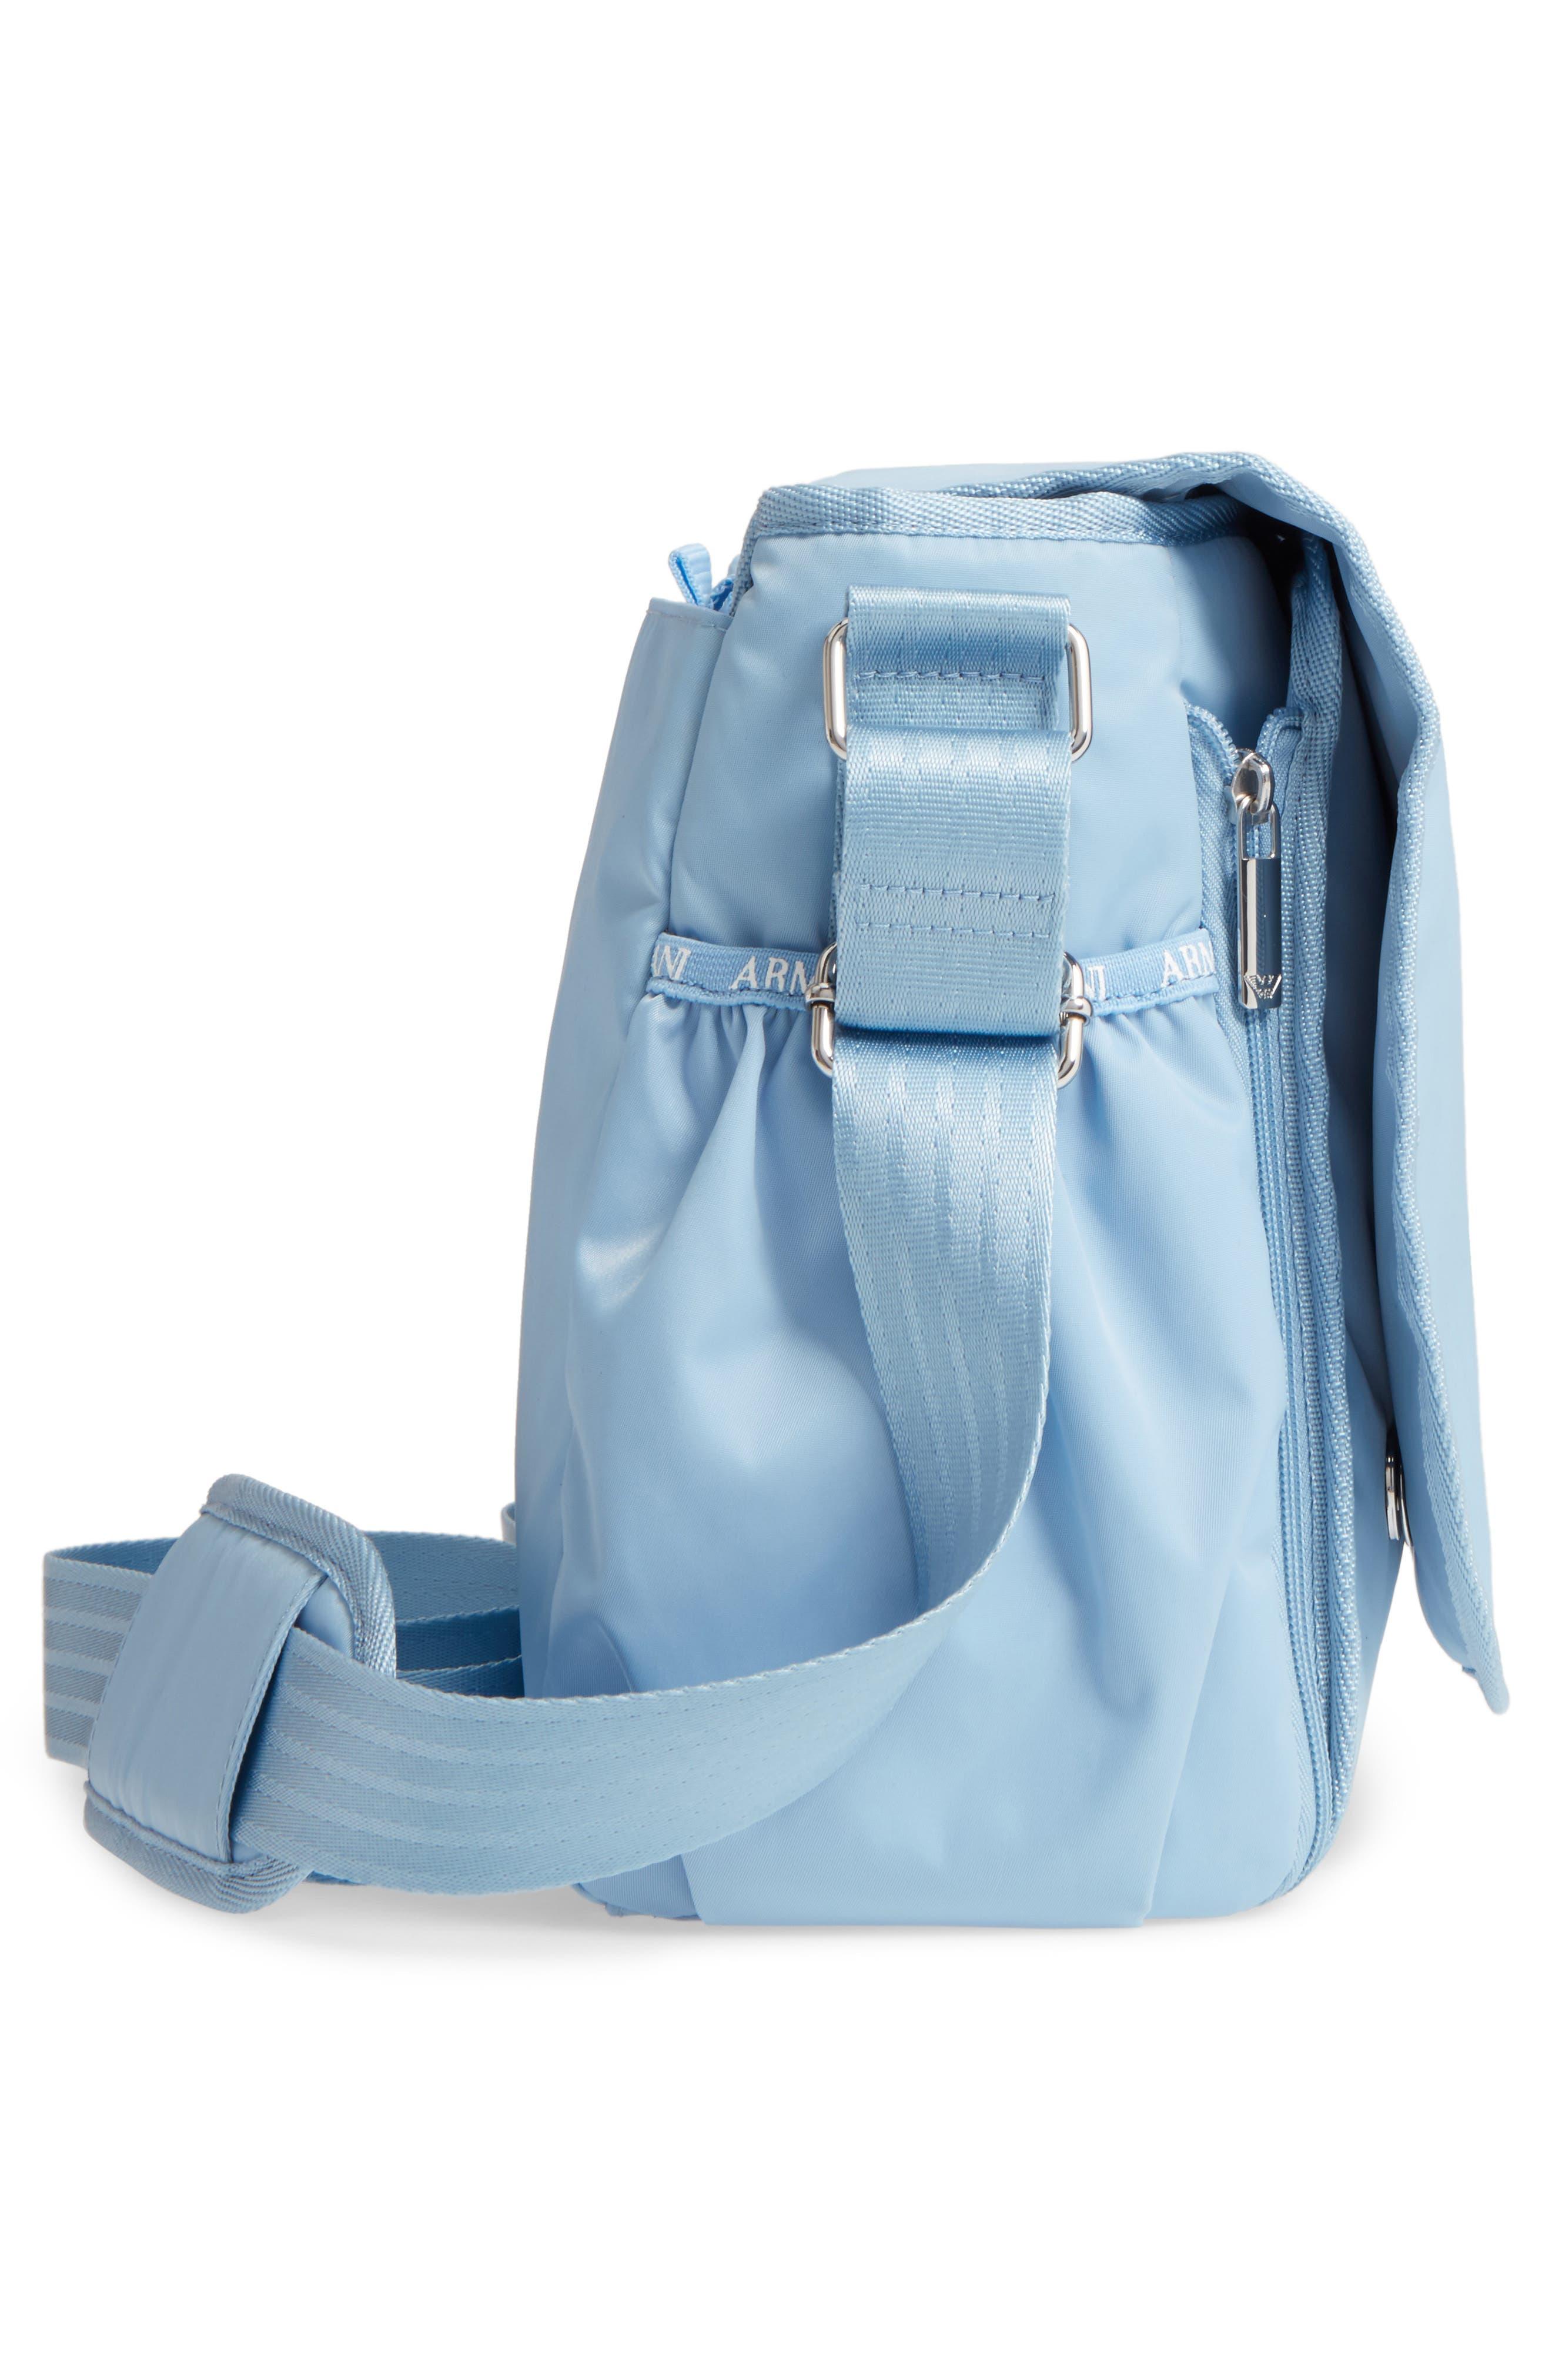 Nylon Messenger Diaper Bag,                             Alternate thumbnail 19, color,